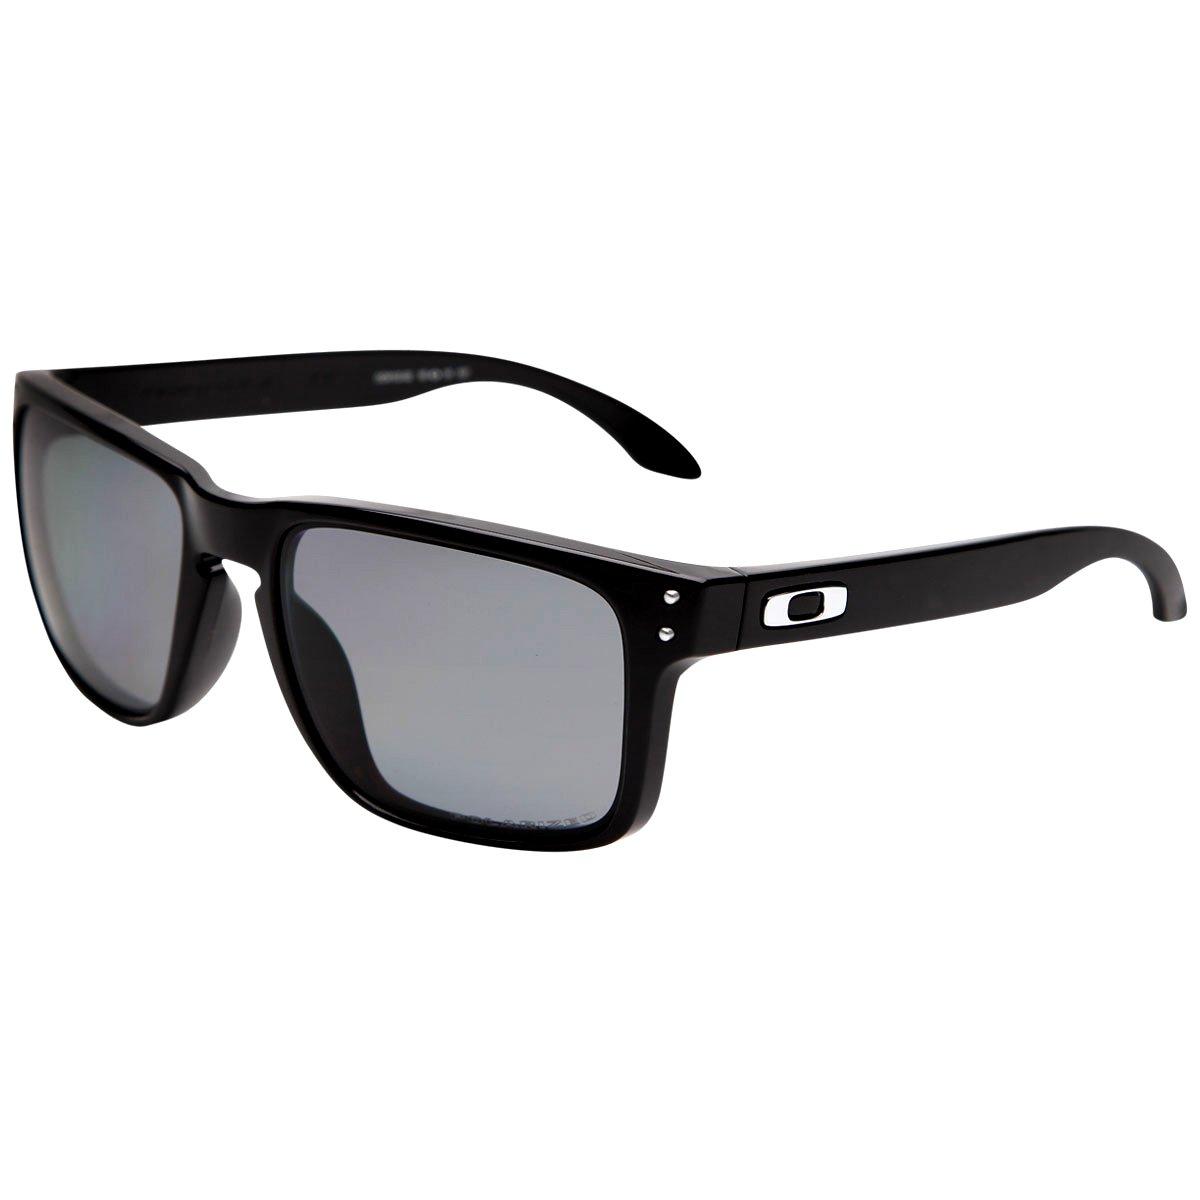 ... best price Óculos de sol oakley holbrook masculino preto 3978a f3da7  free shipping Óculos oakley mainlink preto polished com lentes prizm ... 4971c57ffd